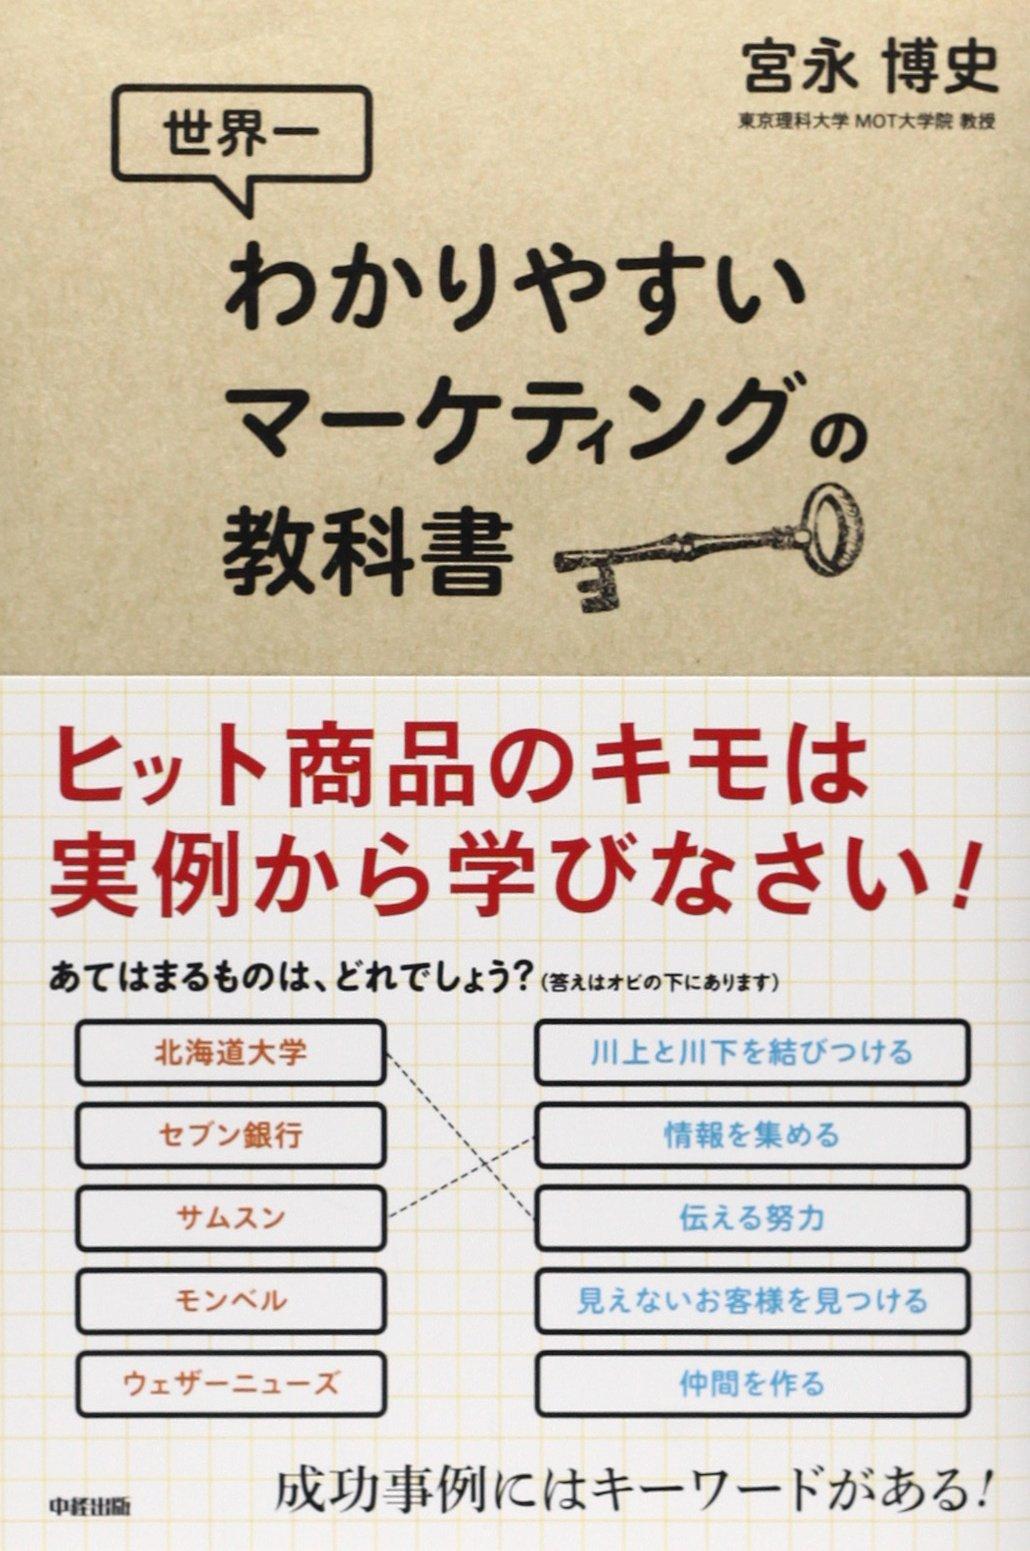 世界一わかりやすいマーケティングの教科書 著: 宮永博史